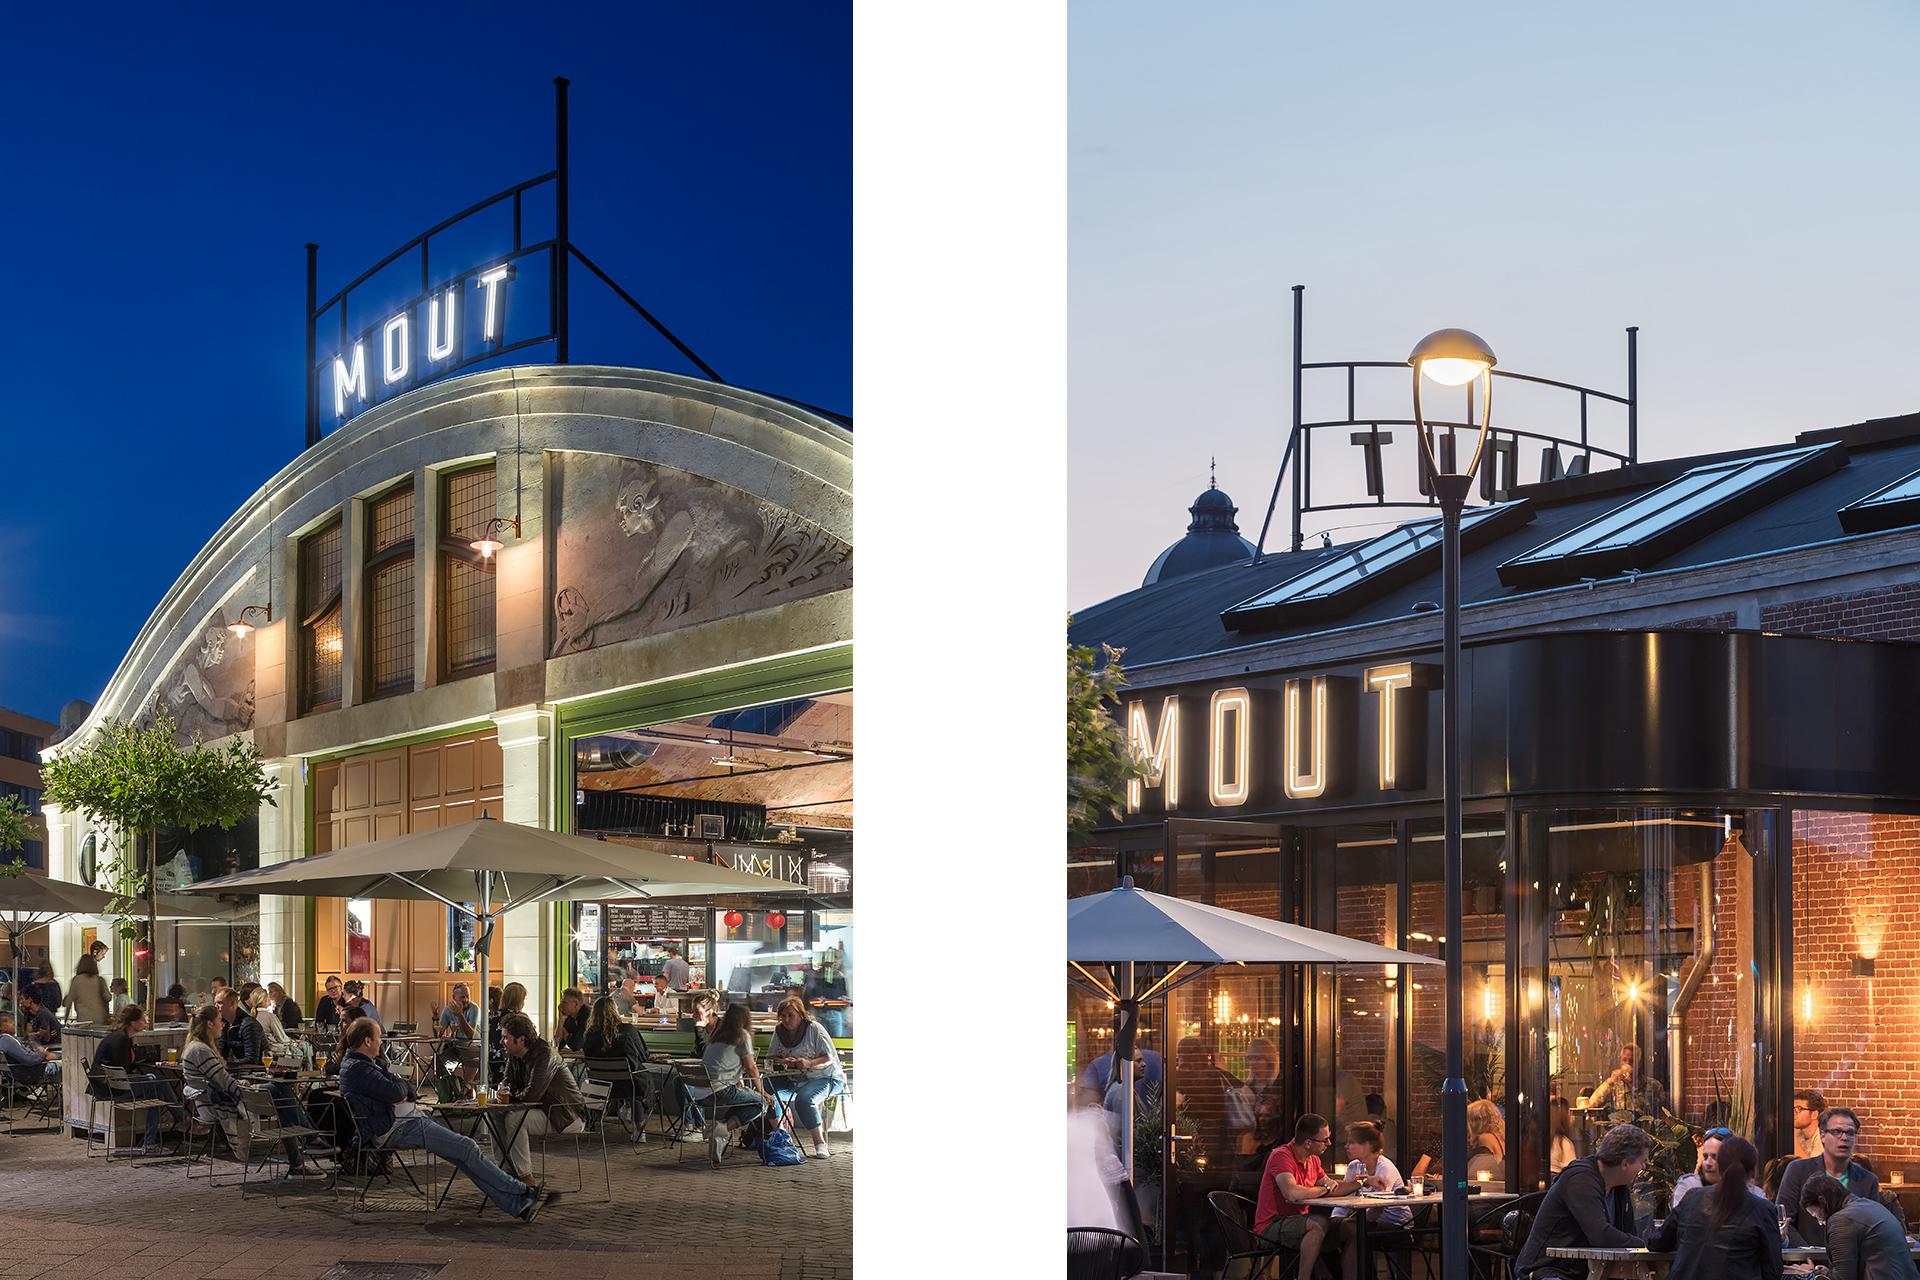 SP2017-MOUT-Hilversum-31-HiRes